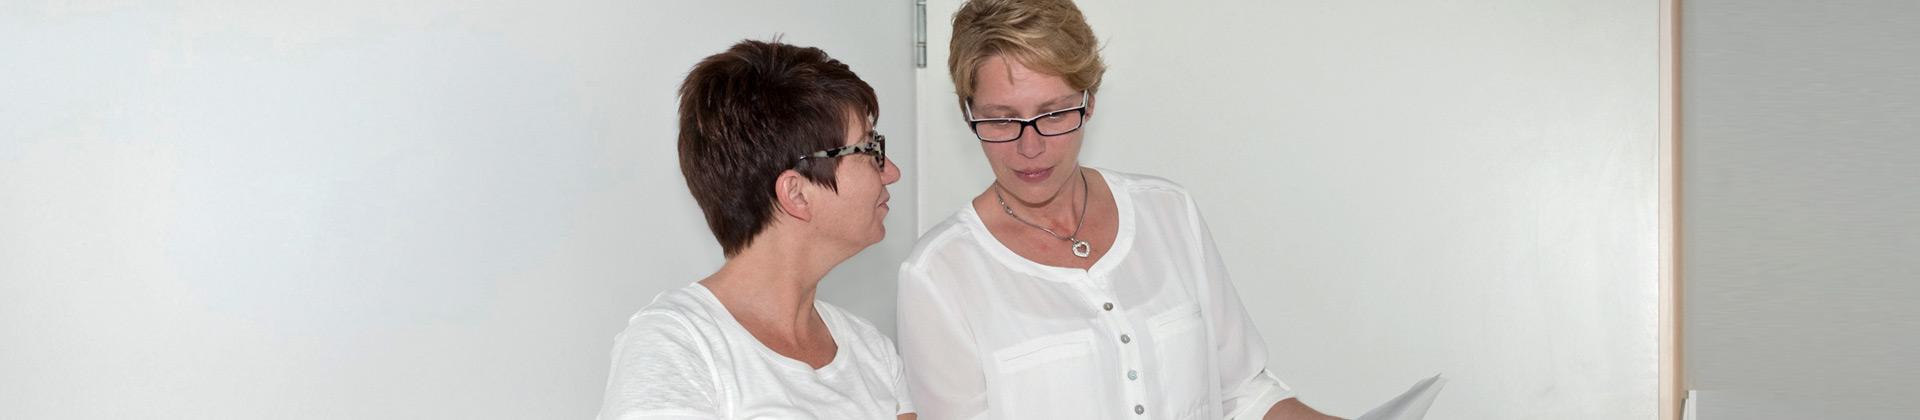 Häufig gestellte Fragen zu radiologischen Untersuchungen